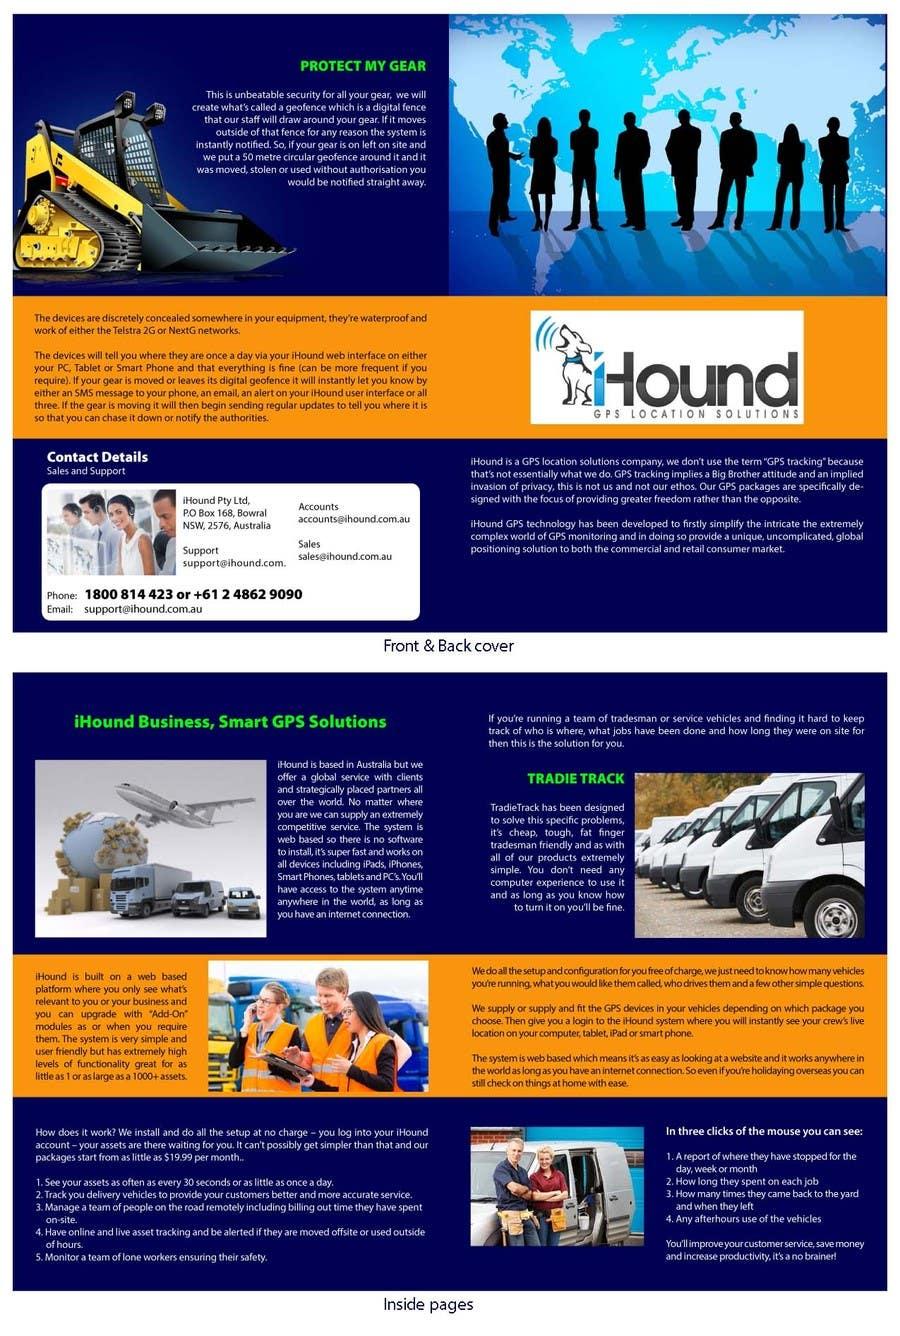 Konkurrenceindlæg #                                        14                                      for                                         Design a Brochure for iHound